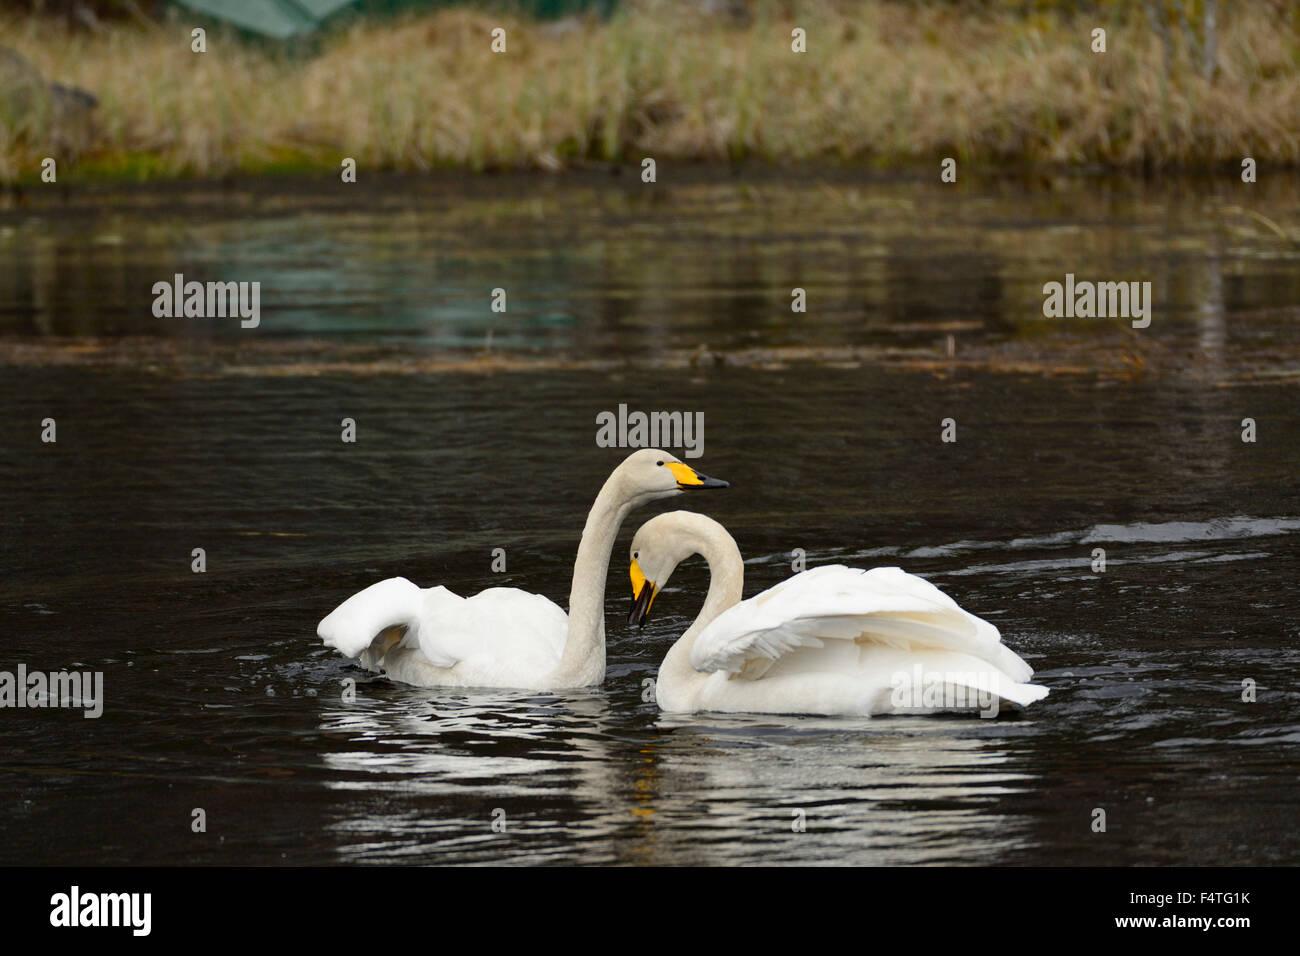 Hooper Swan, Cygnus cygnus, Anatidae, display, Swan, bird, animal, Lutnes, Hedmark, Norway - Stock Image